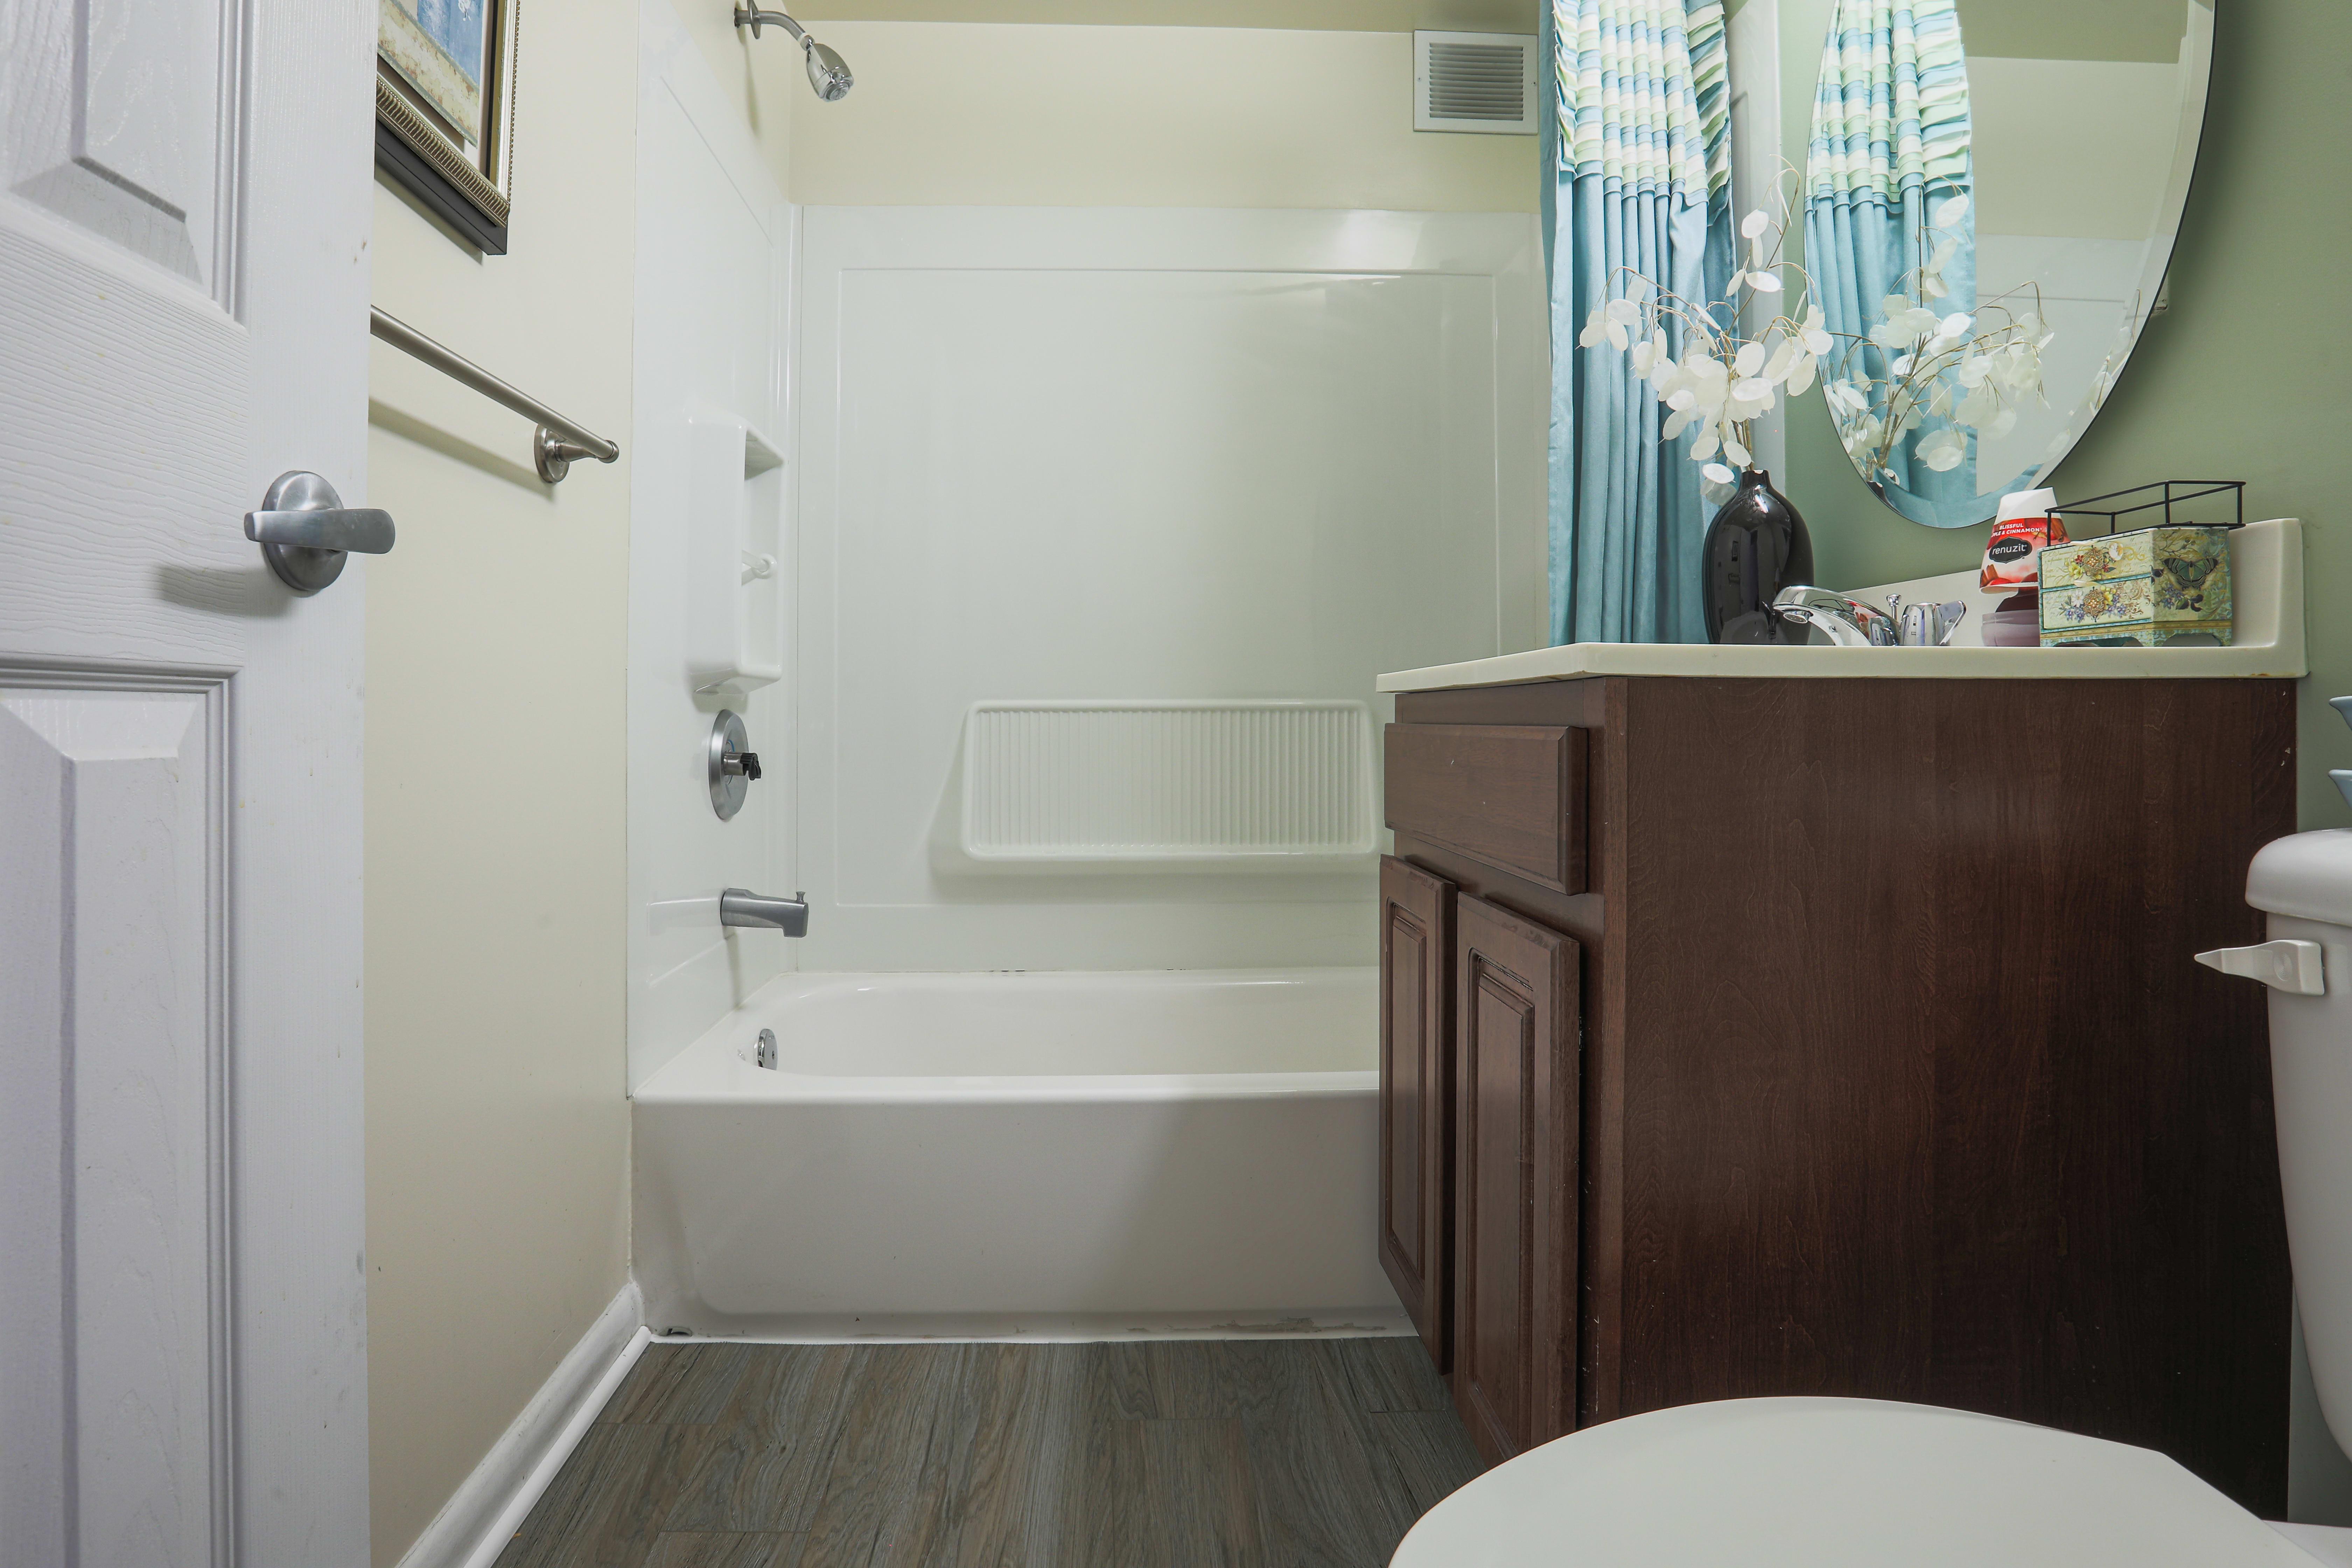 Bathroom in Regency Pointe